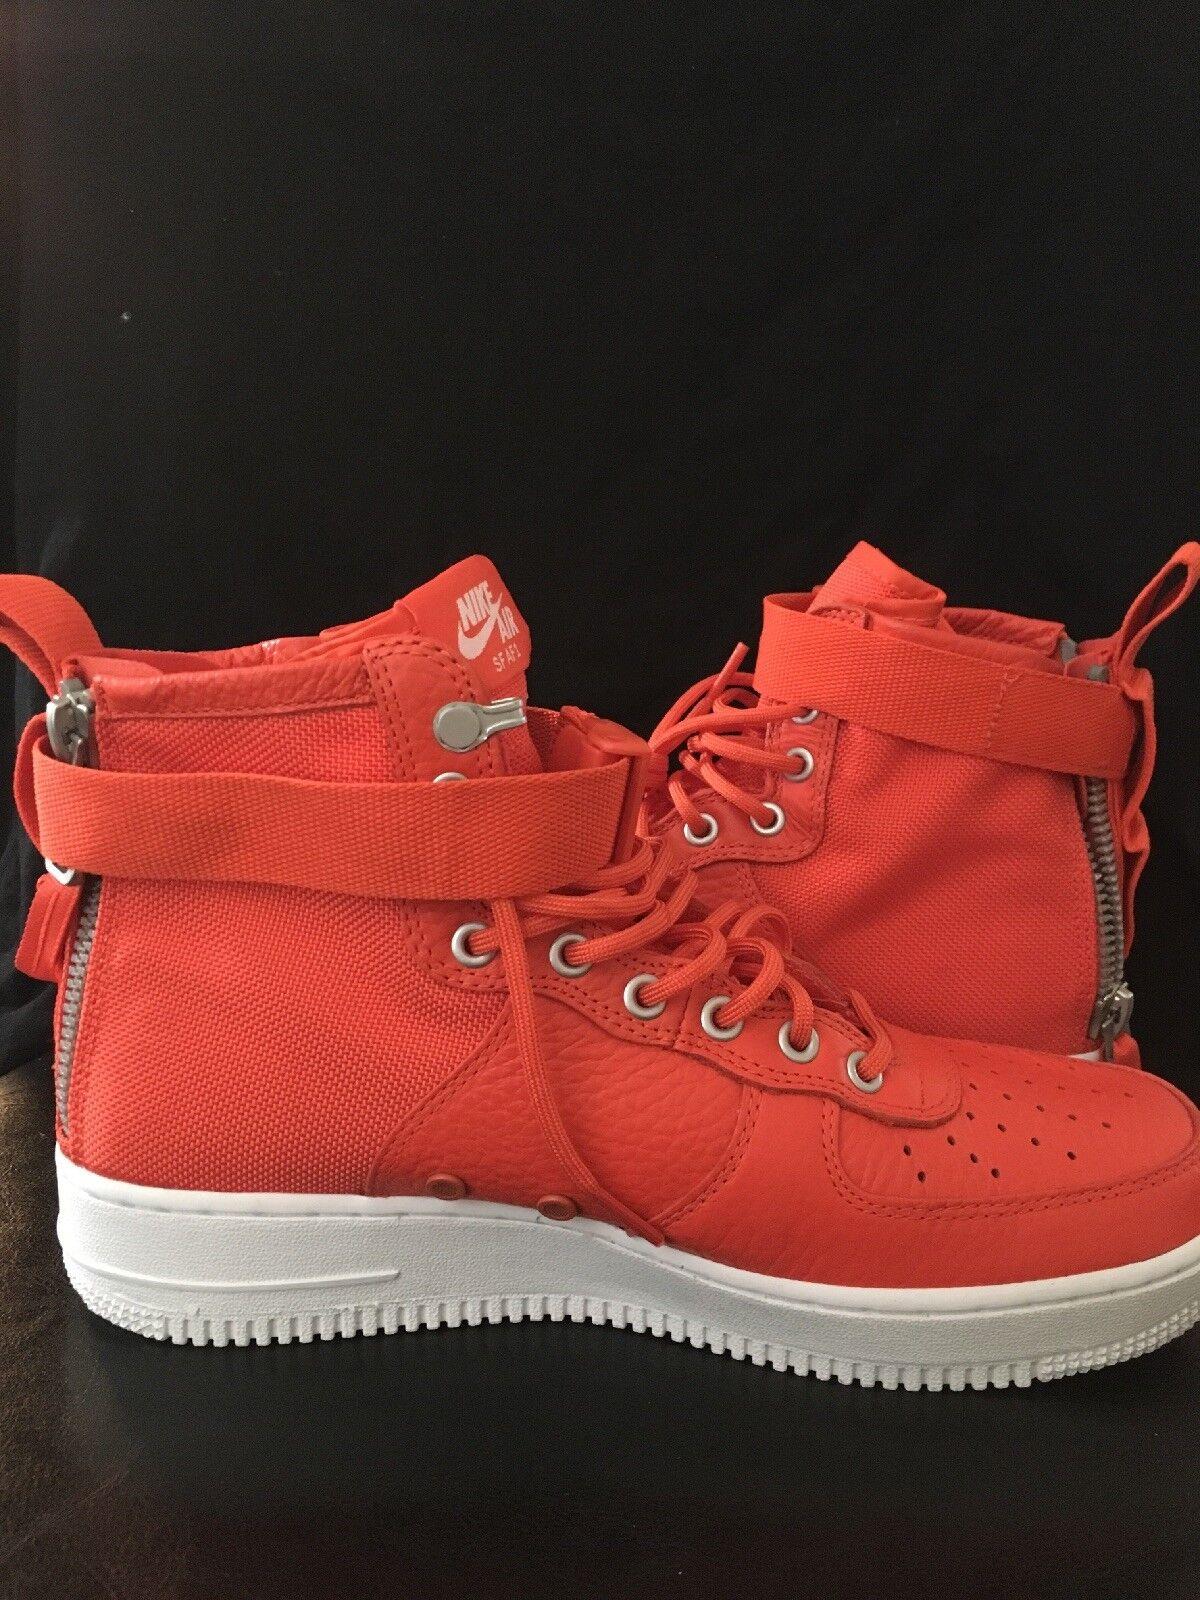 NIKE SF AF1 MID Men's Basketball shoes 'TEAM orange WHITE' 9